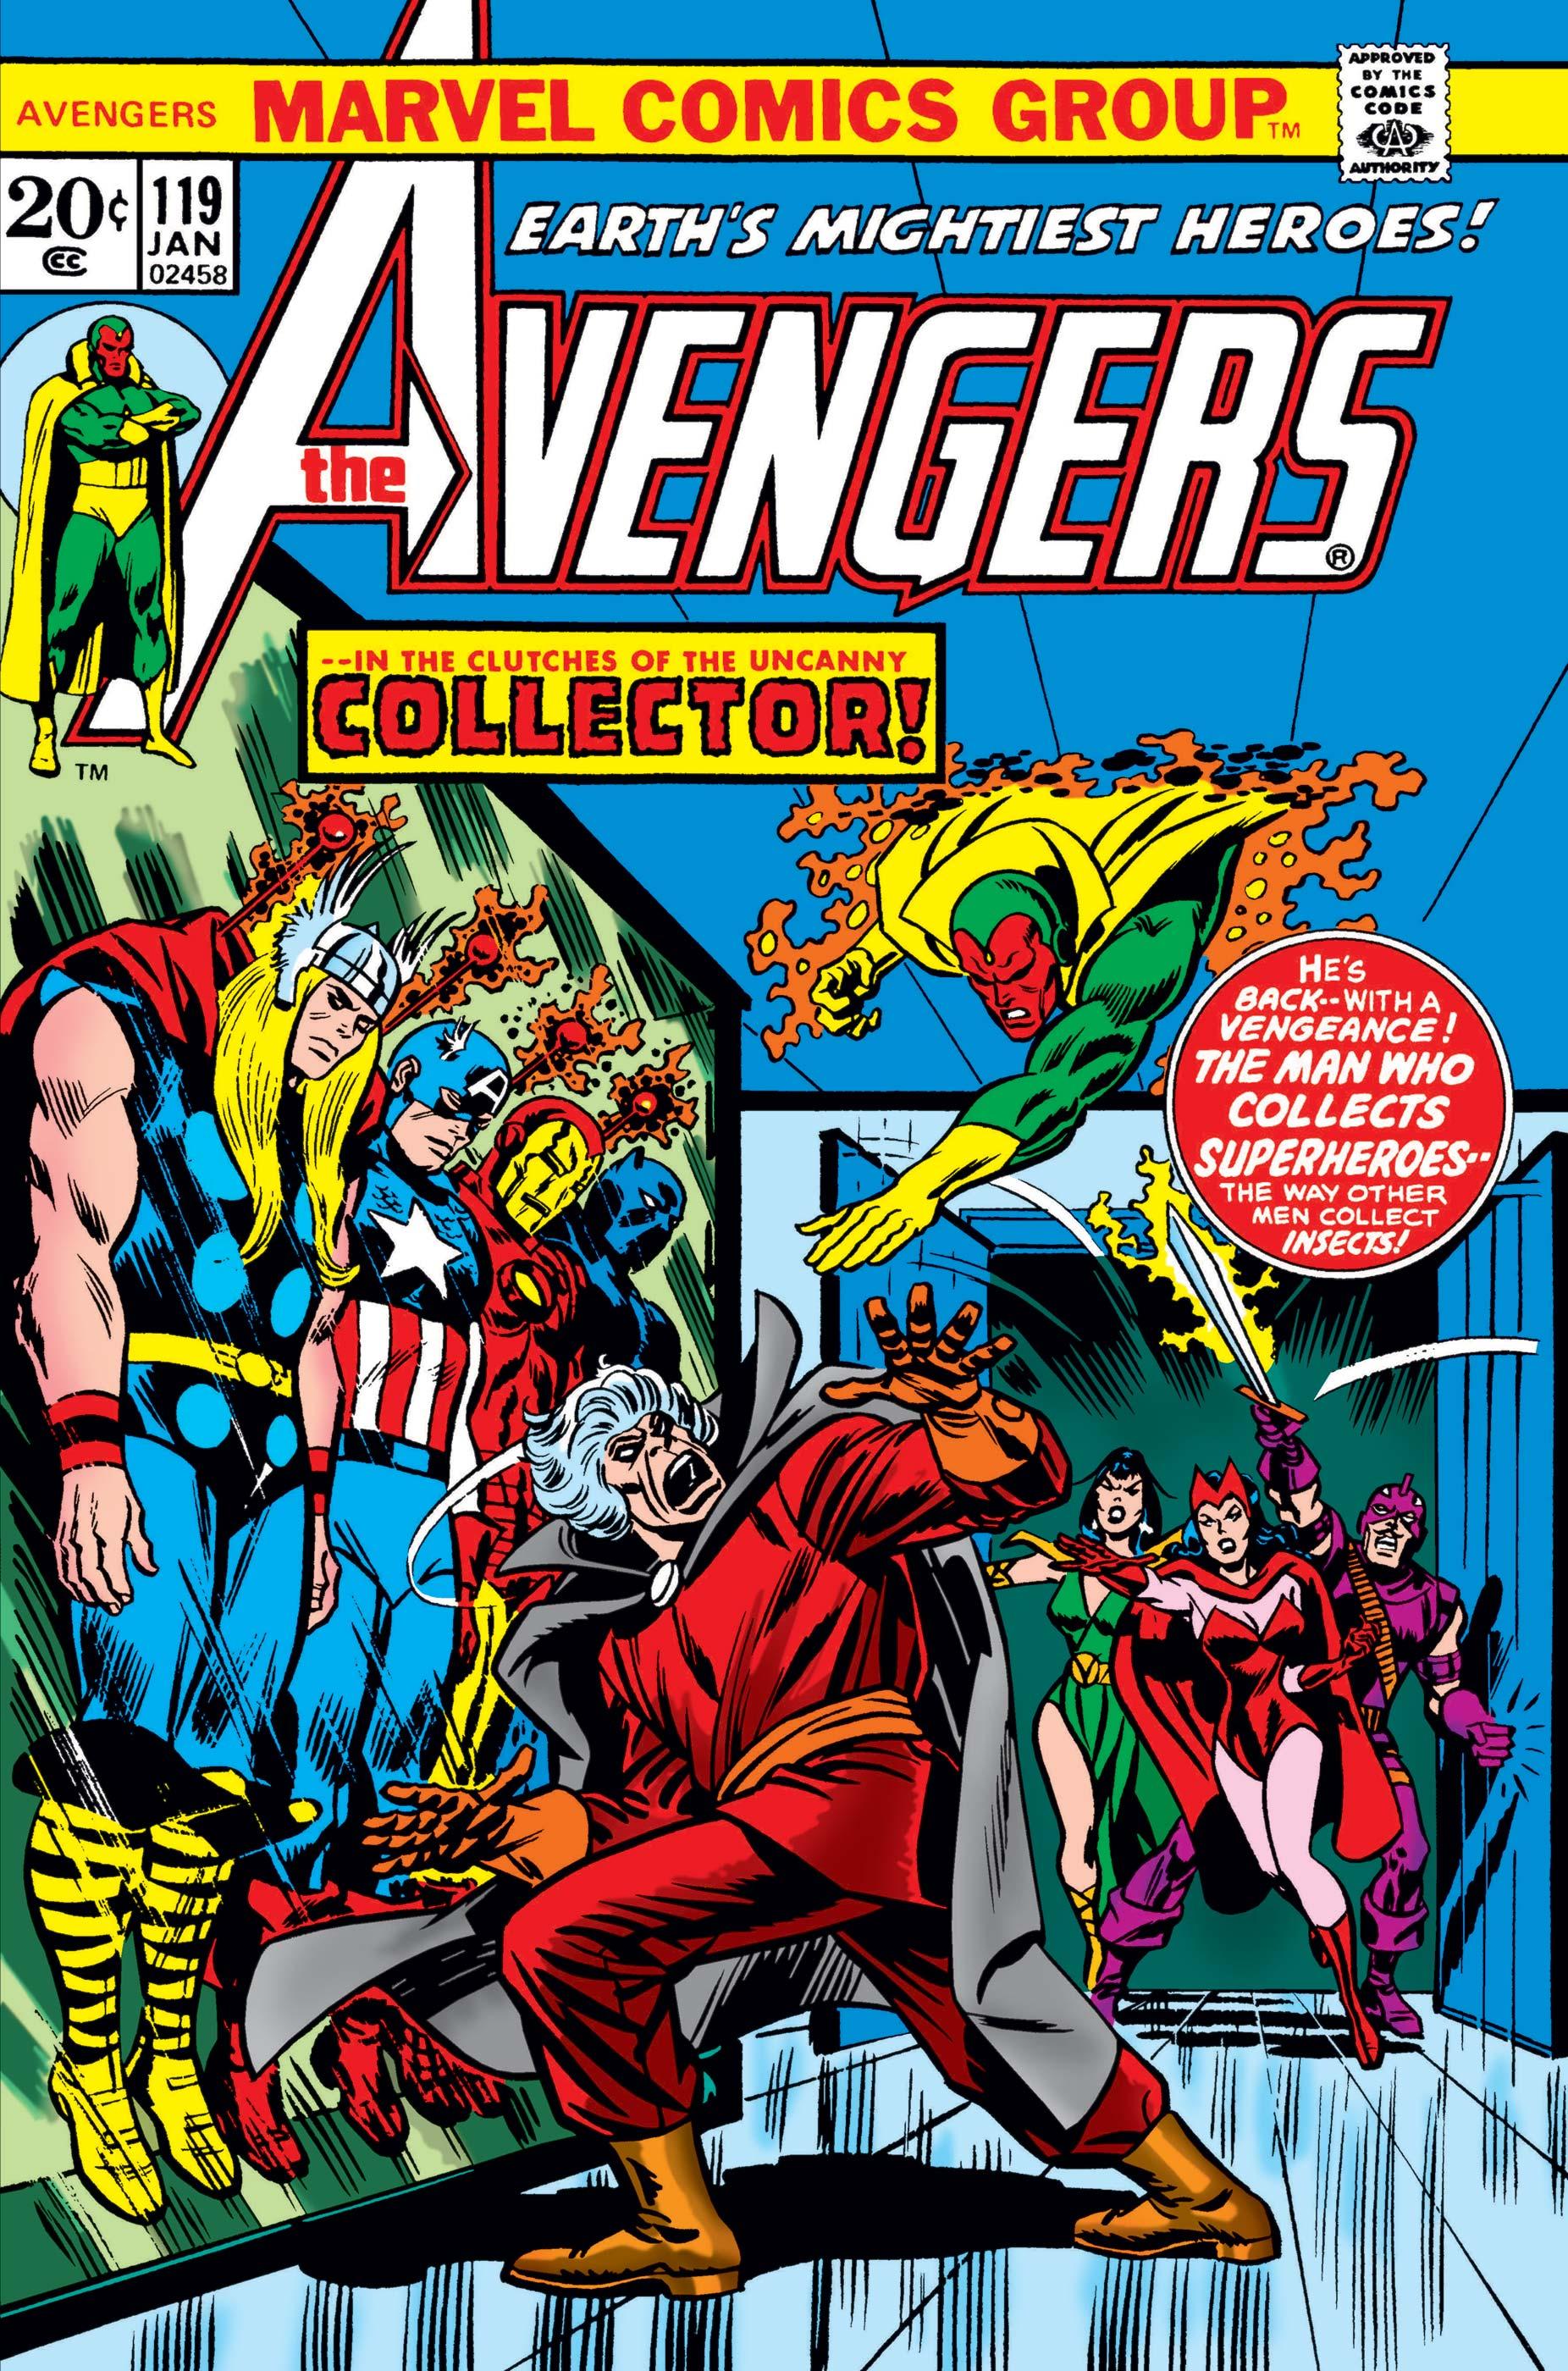 Avengers (1963) #119